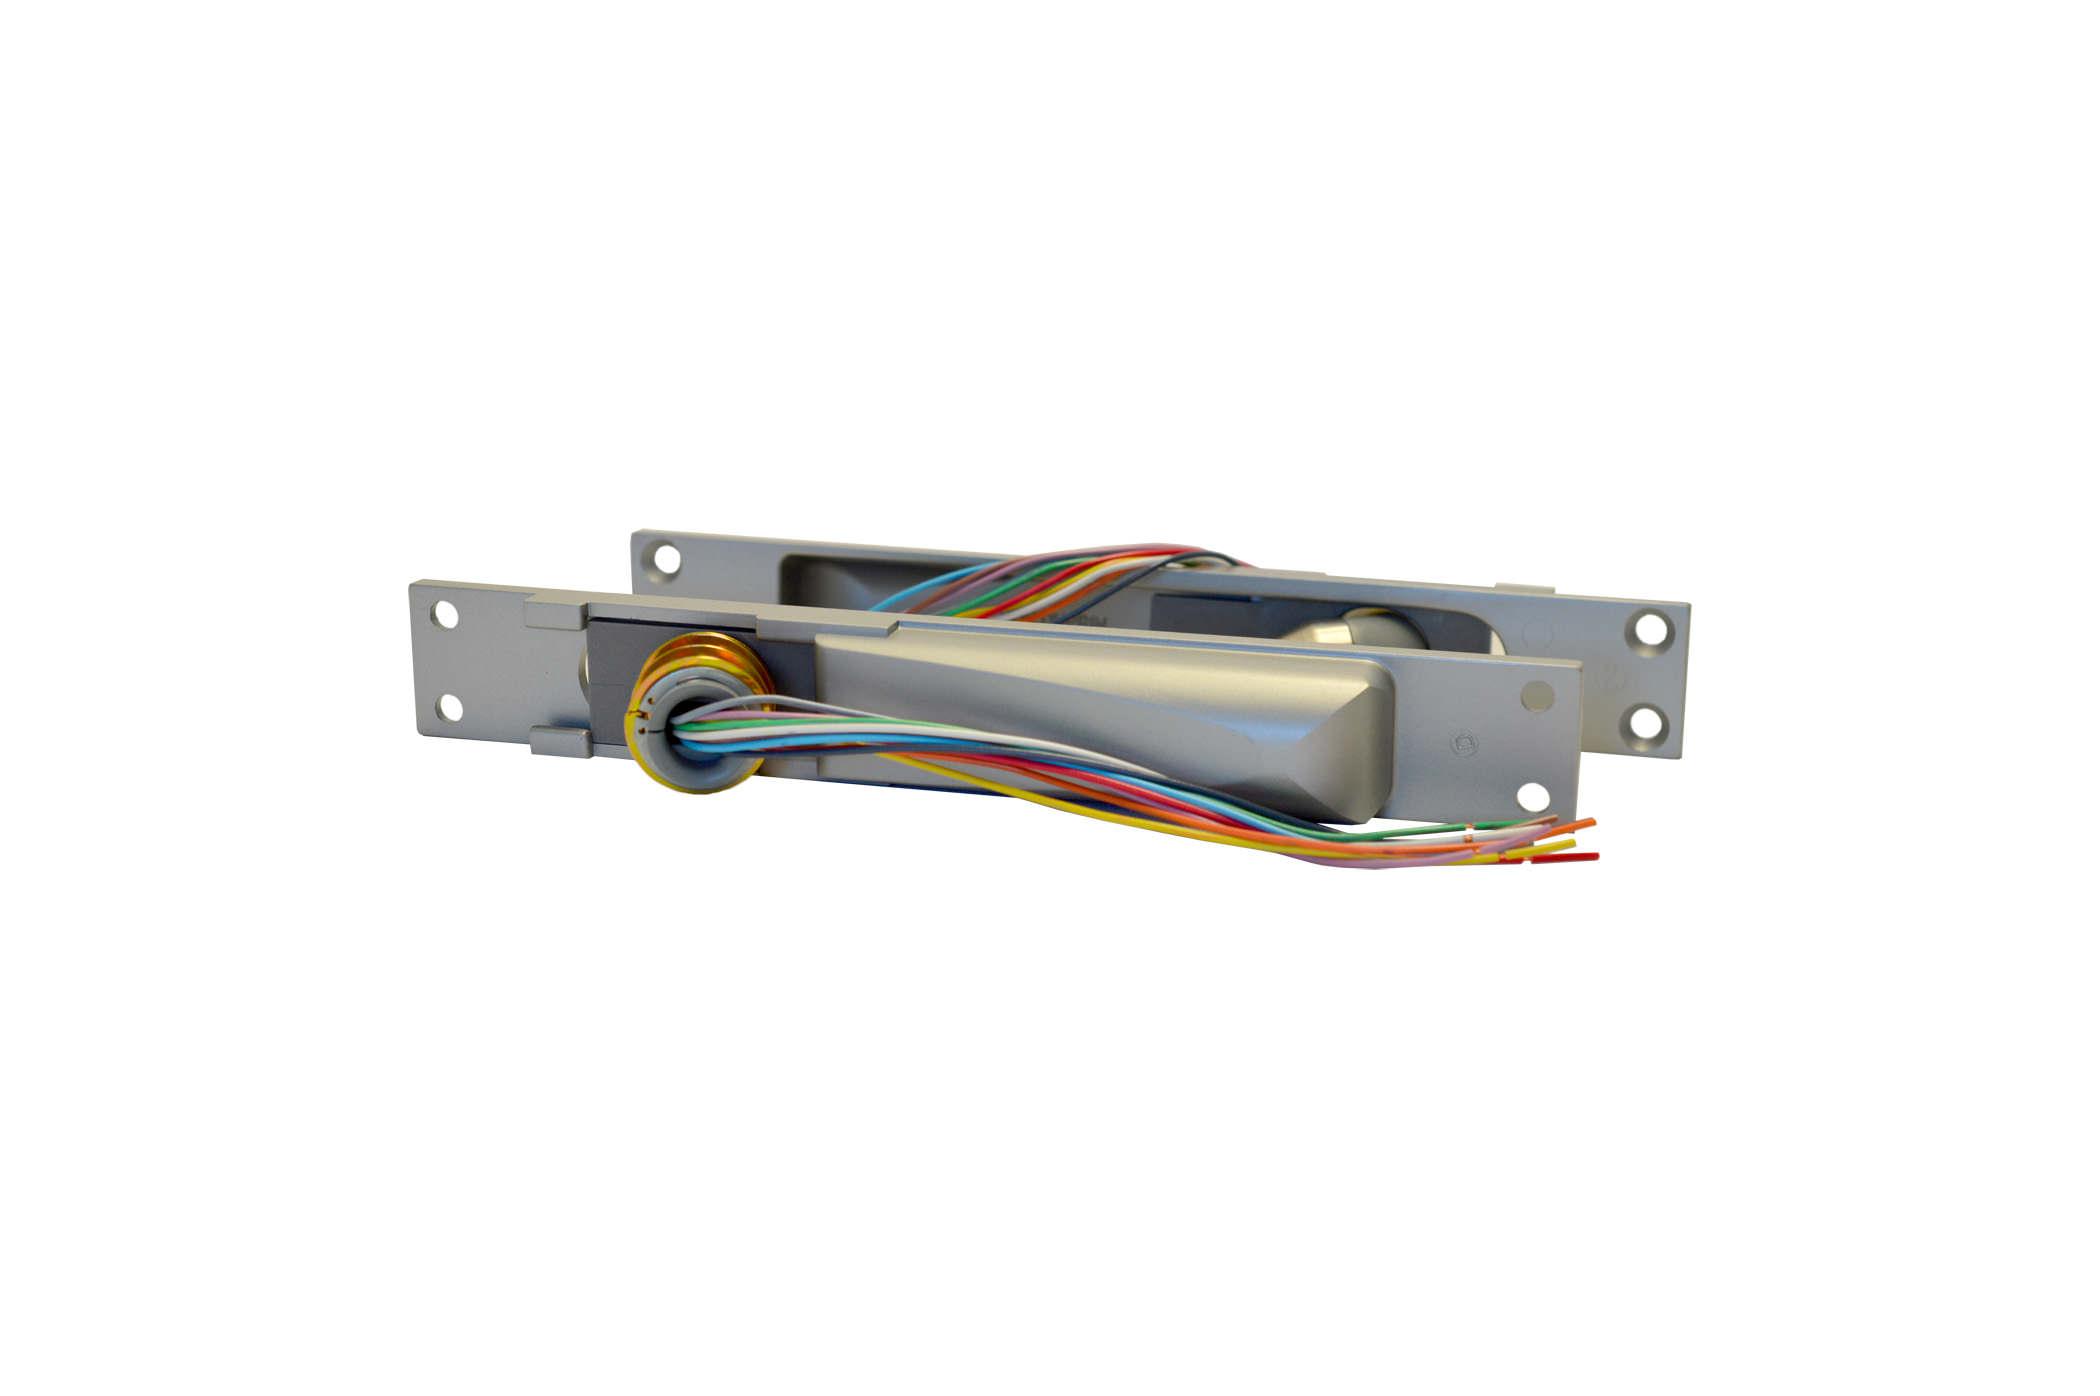 Von duprin ept 10 wiring mack wiring starter quad 4 engine for Hes 9600 template